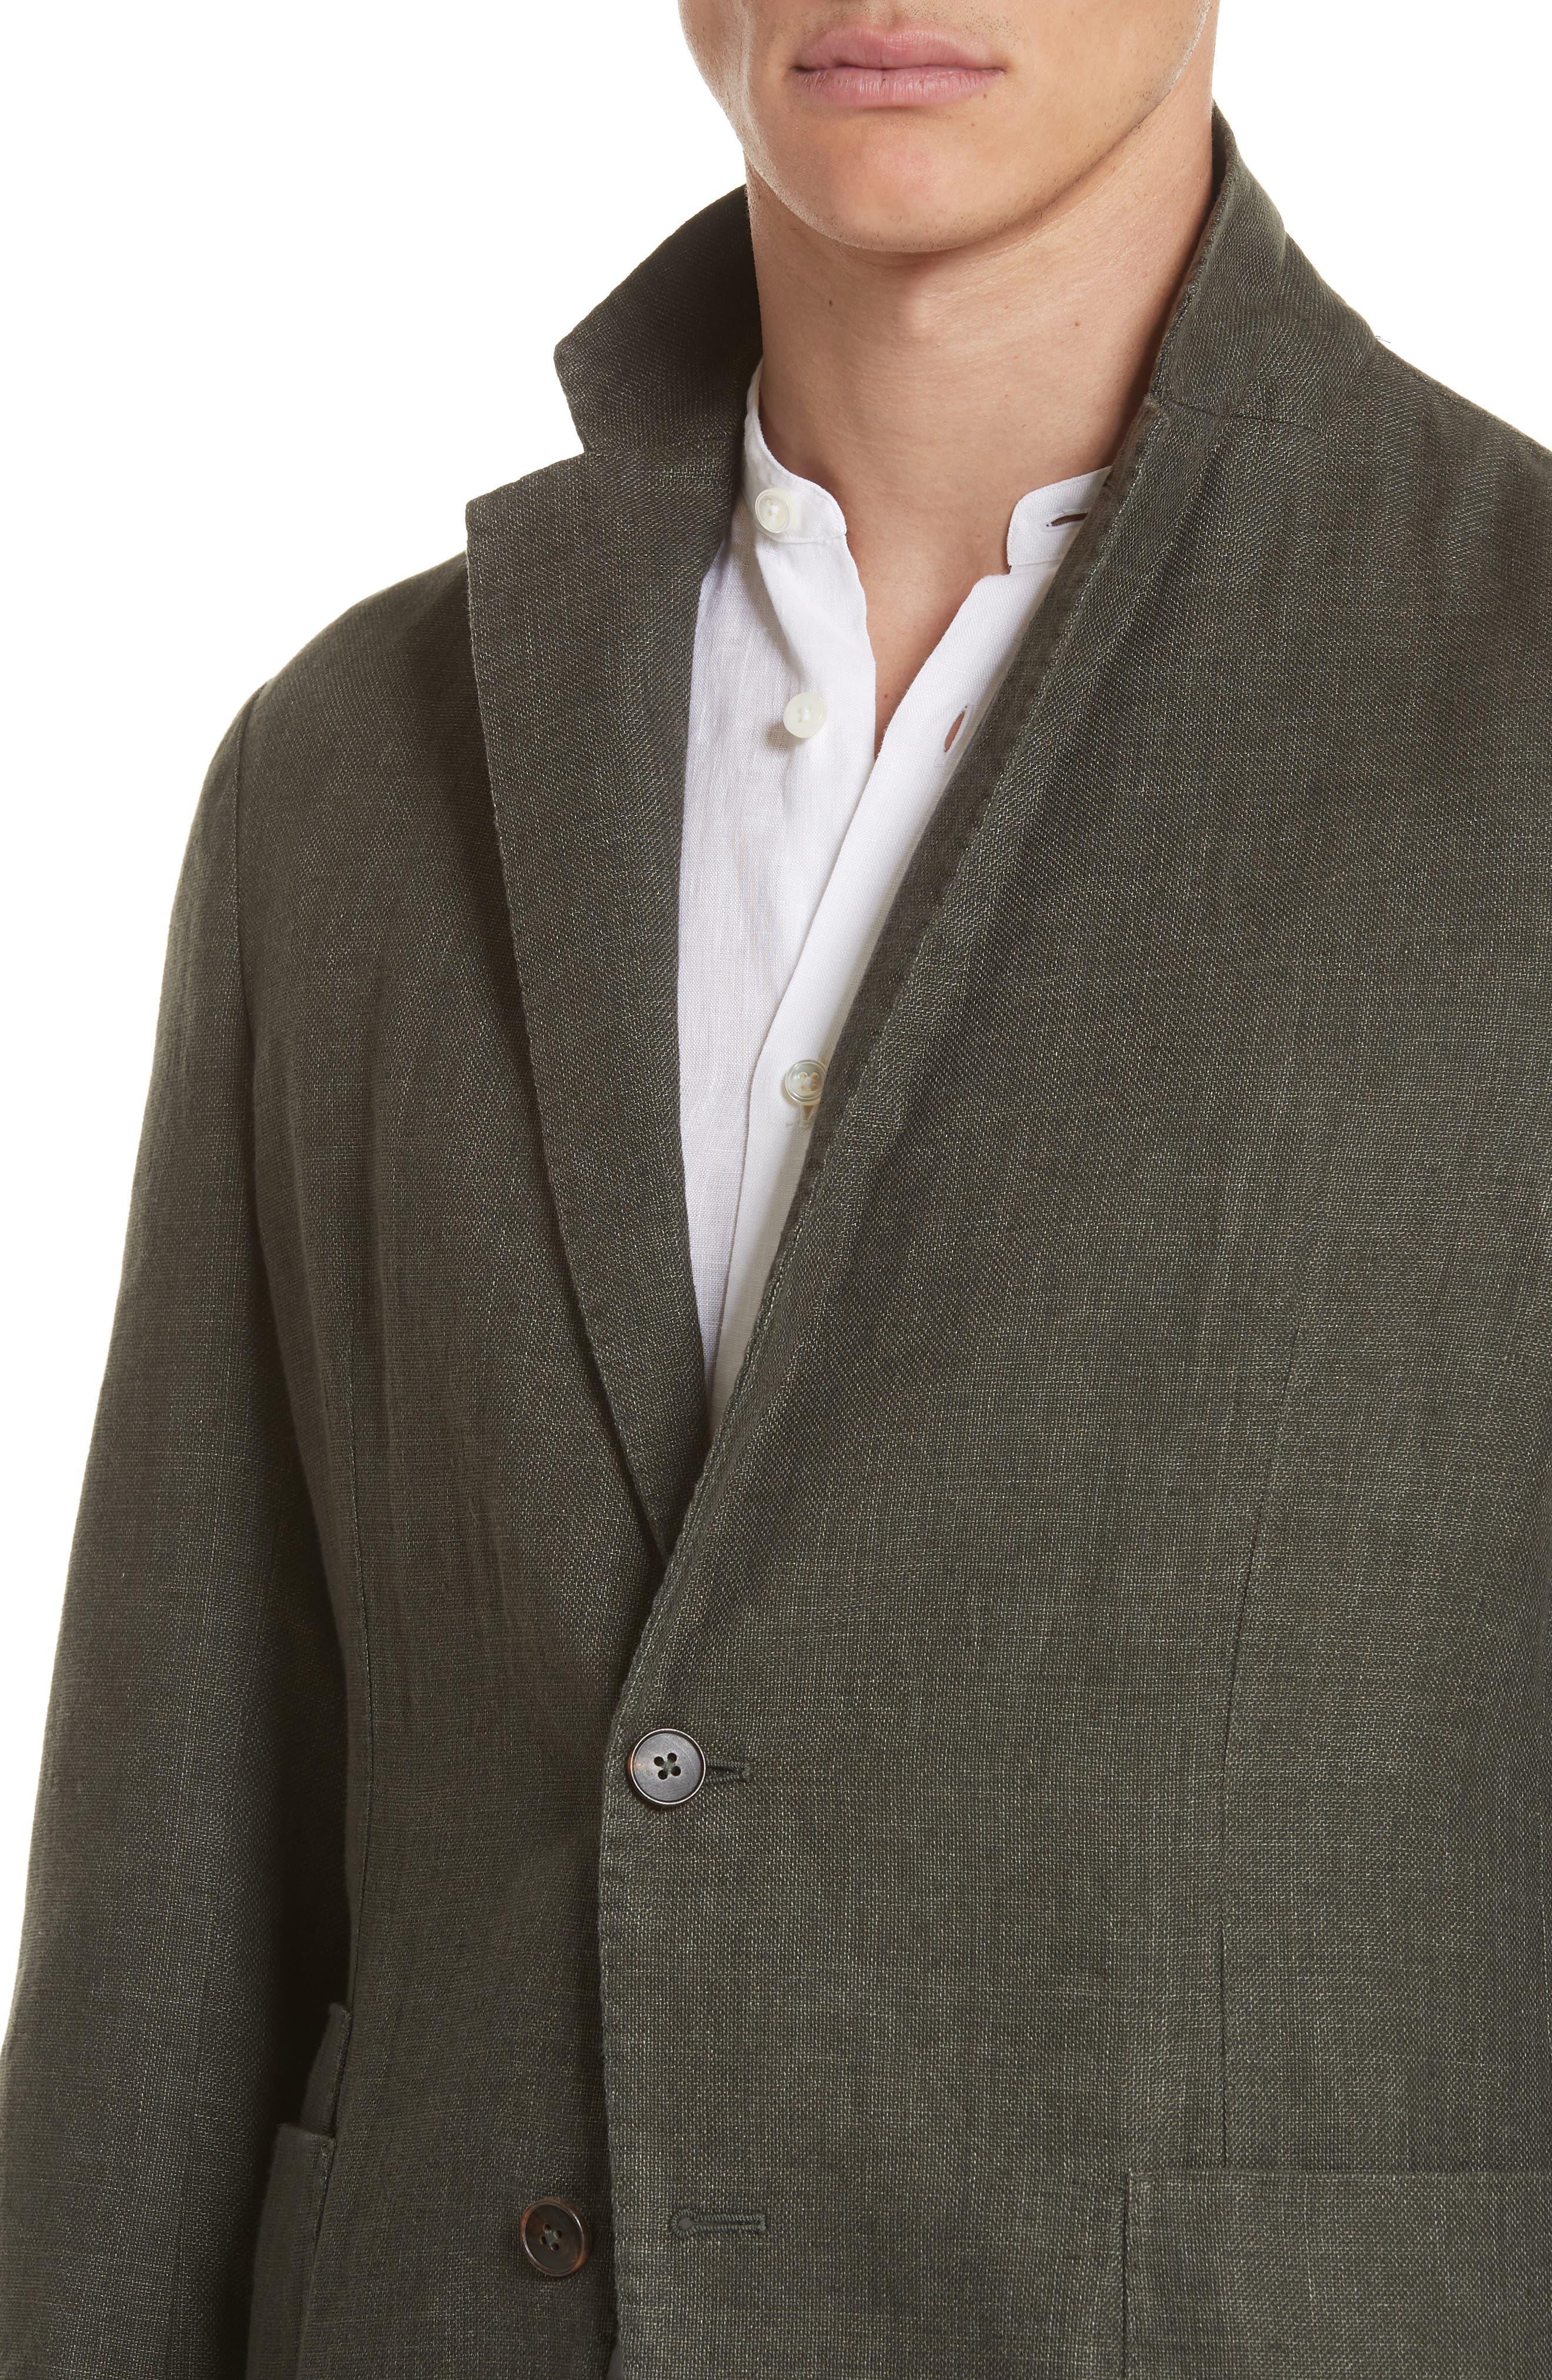 Trim Fit Linen & Cotton Blazer,                             Alternate thumbnail 4, color,                             Green